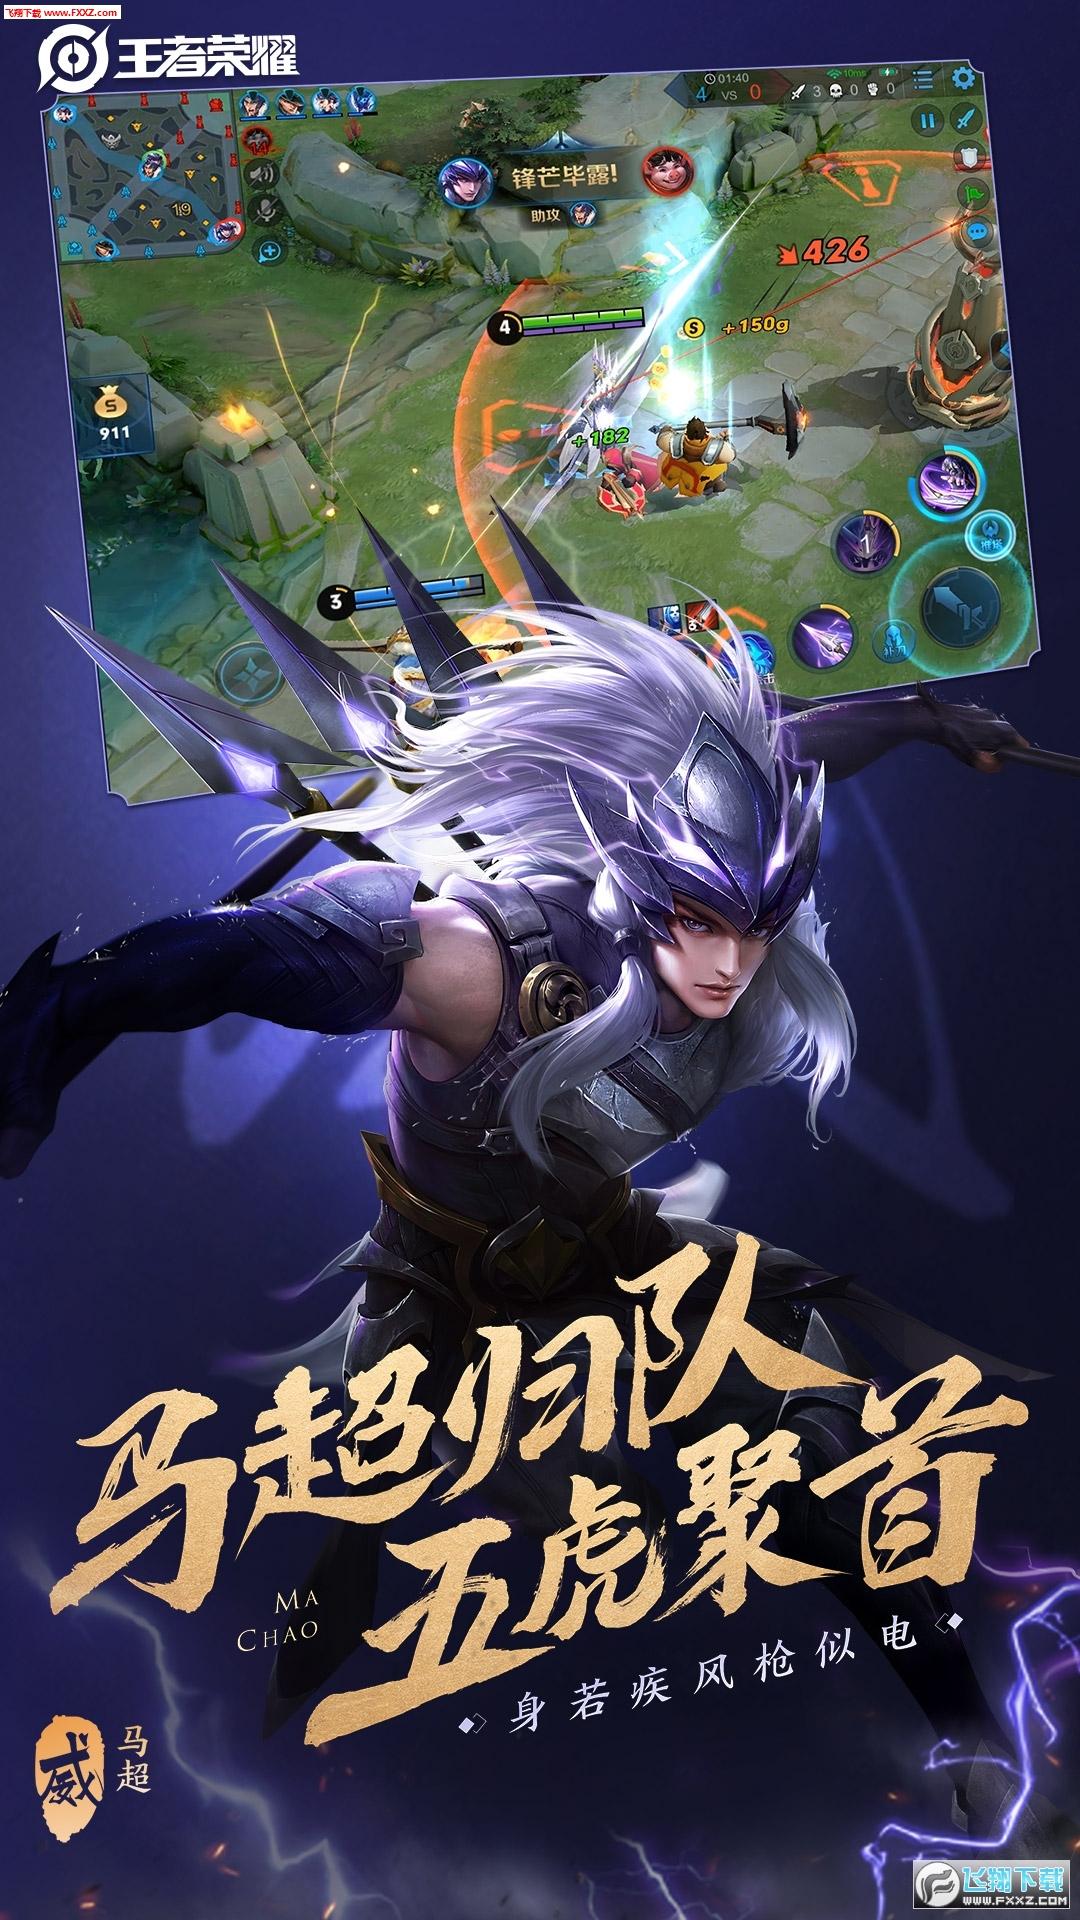 王者荣耀2020华为手机最新版1.52.1.7截图2